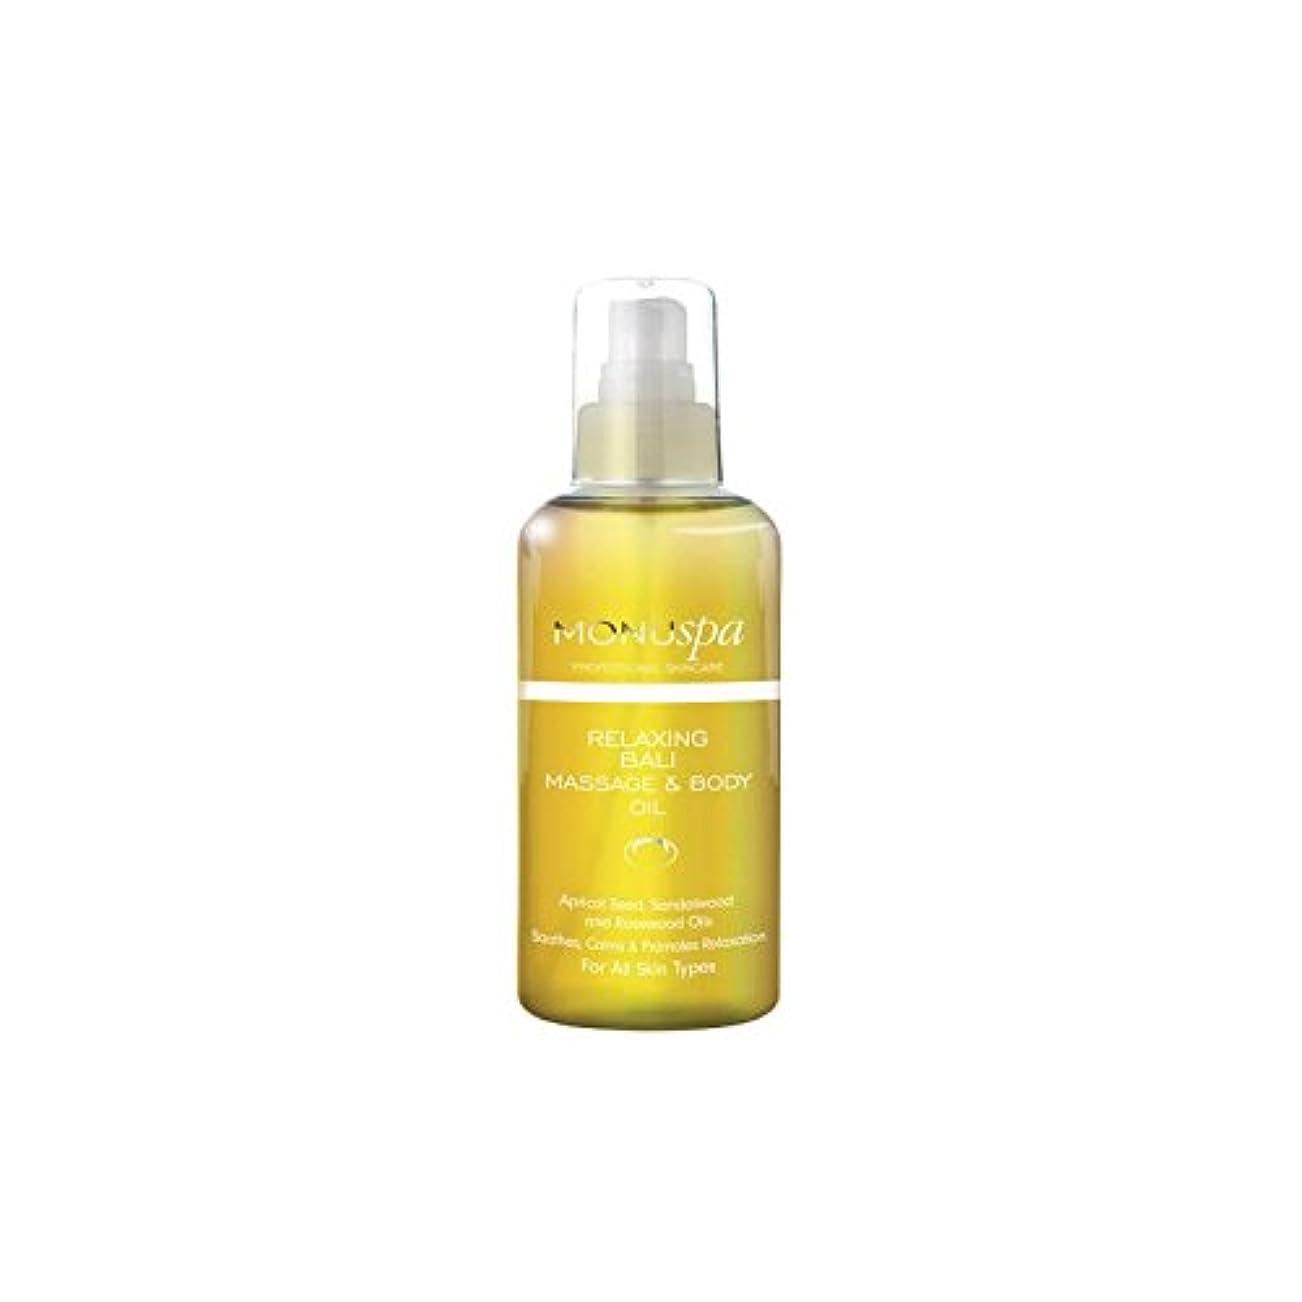 整理するクリーク平らにするMONUspa Relaxing Bali Body Oil 100ml (Pack of 6) - バリボディオイル100ミリリットルを緩和 x6 [並行輸入品]